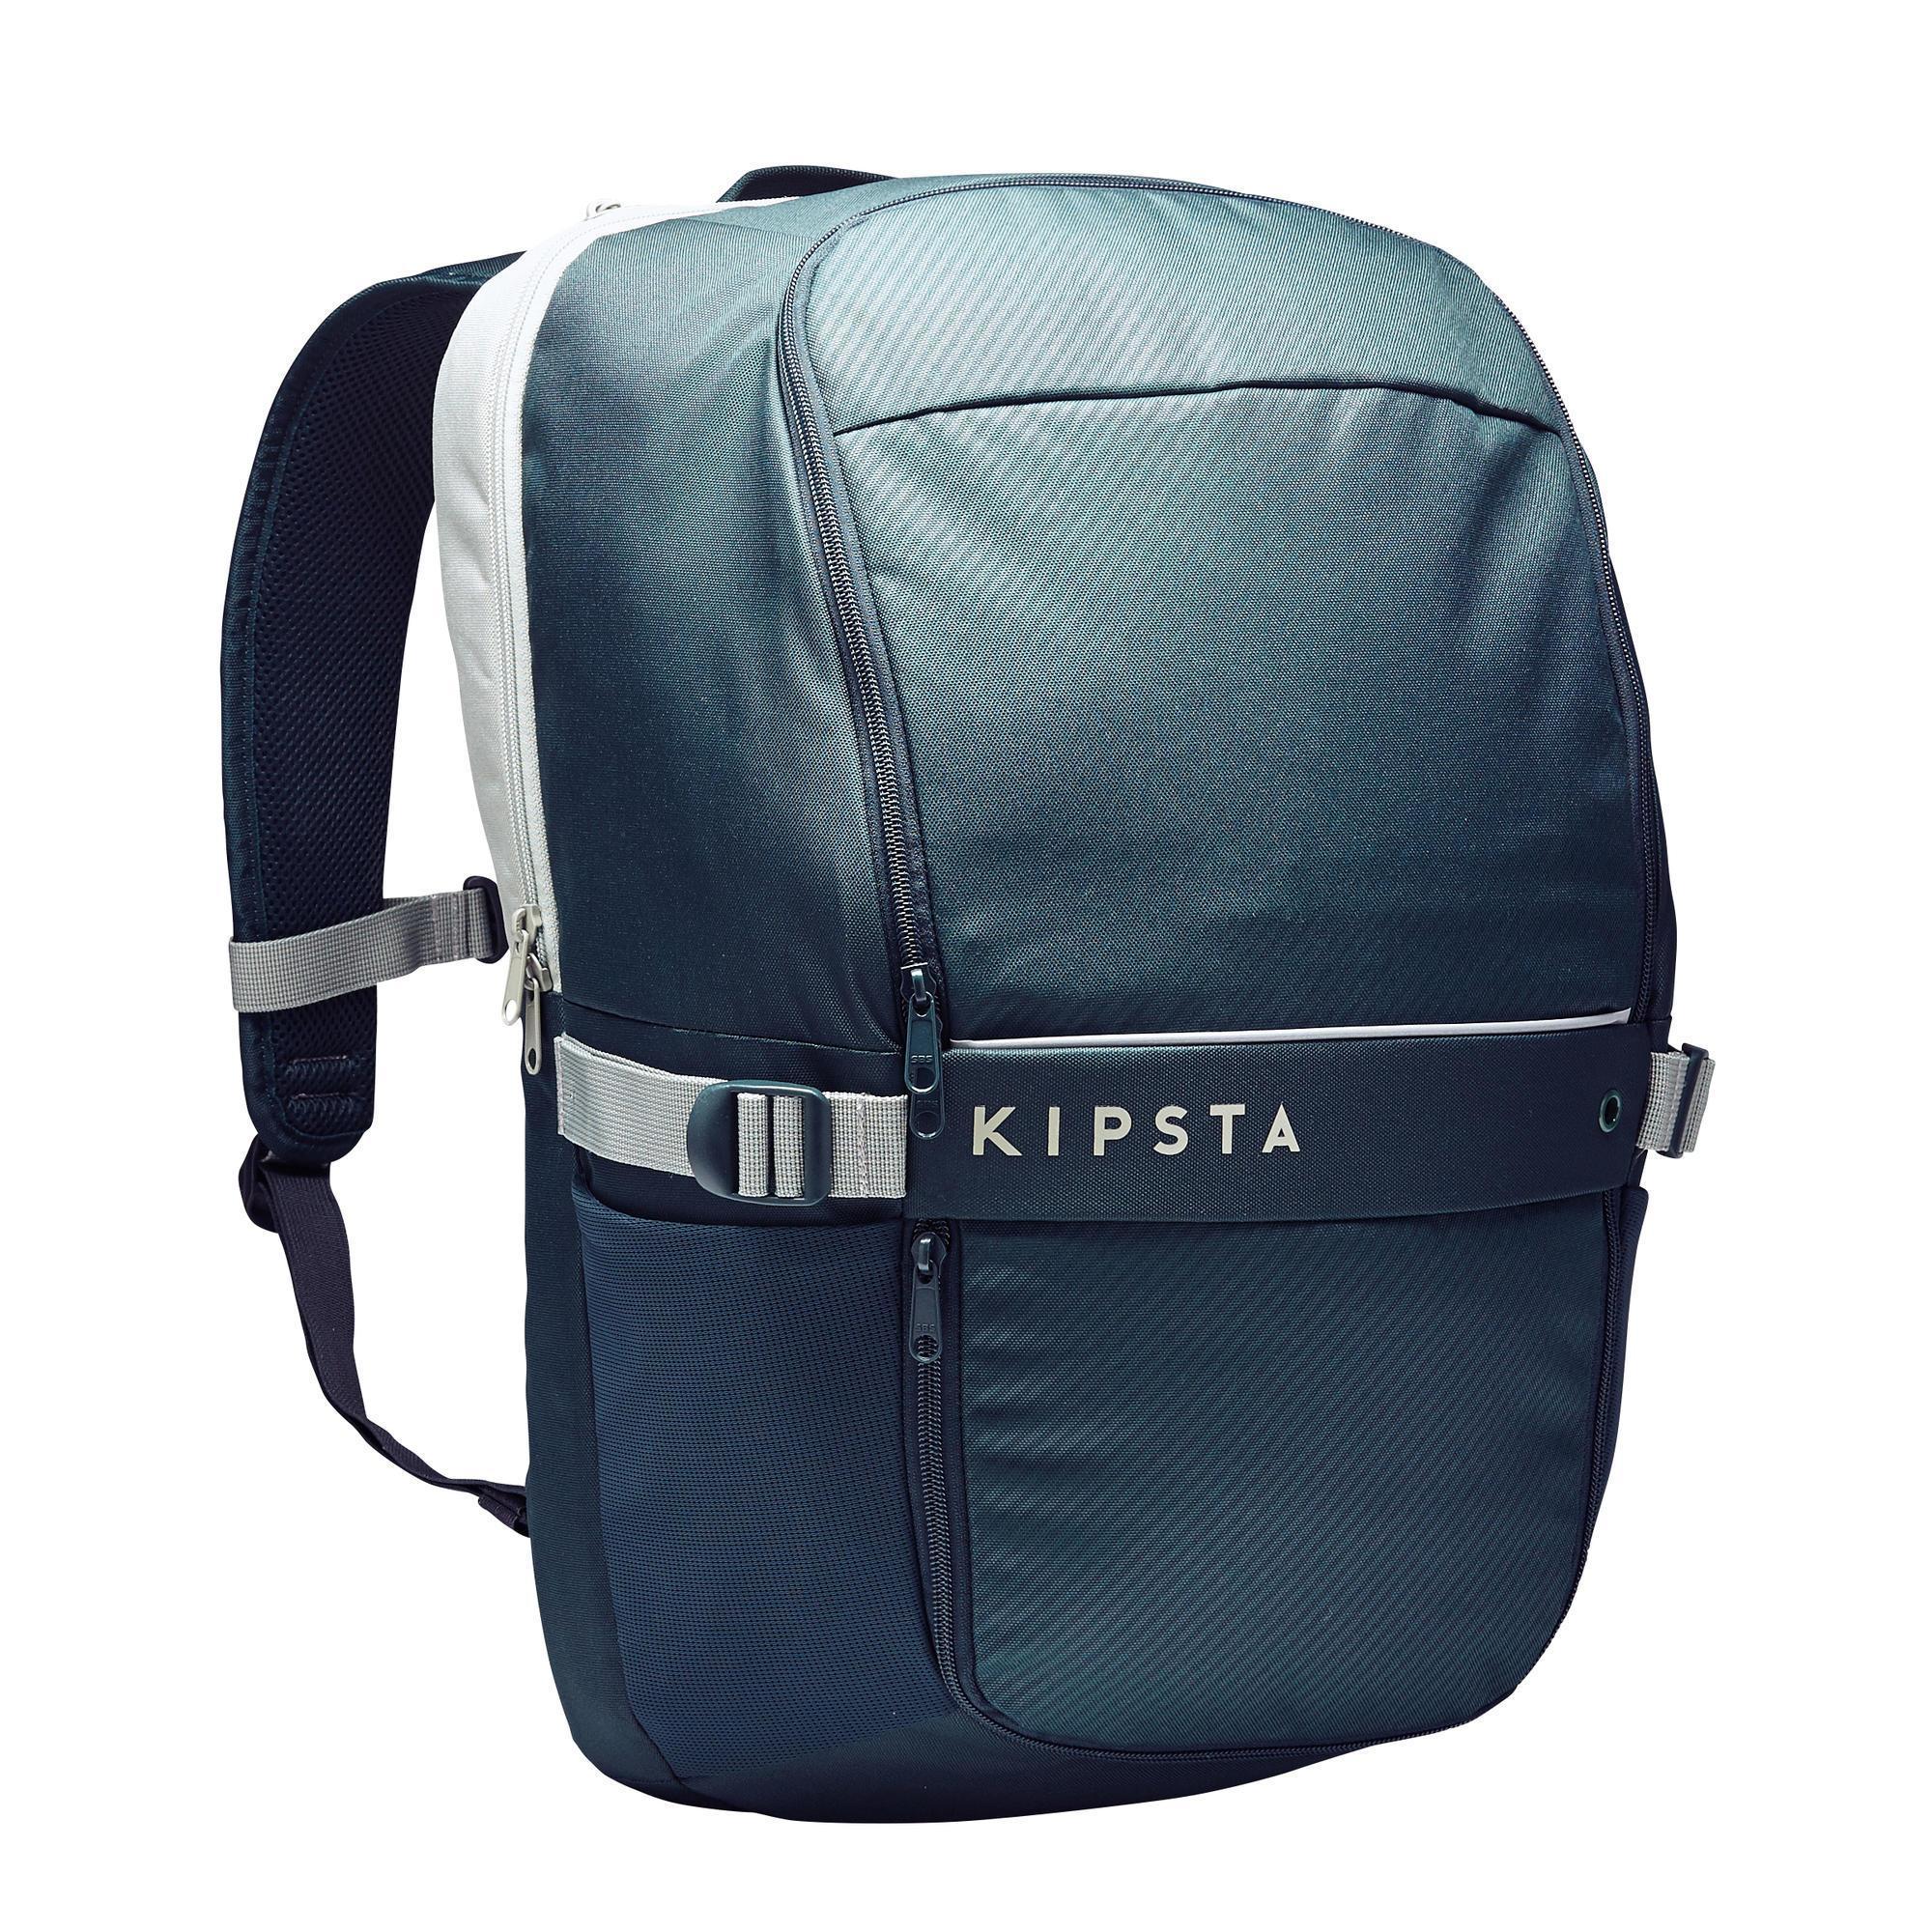 b2632e373ff Kipsta Rugzak Classic 35 liter groen/grijs